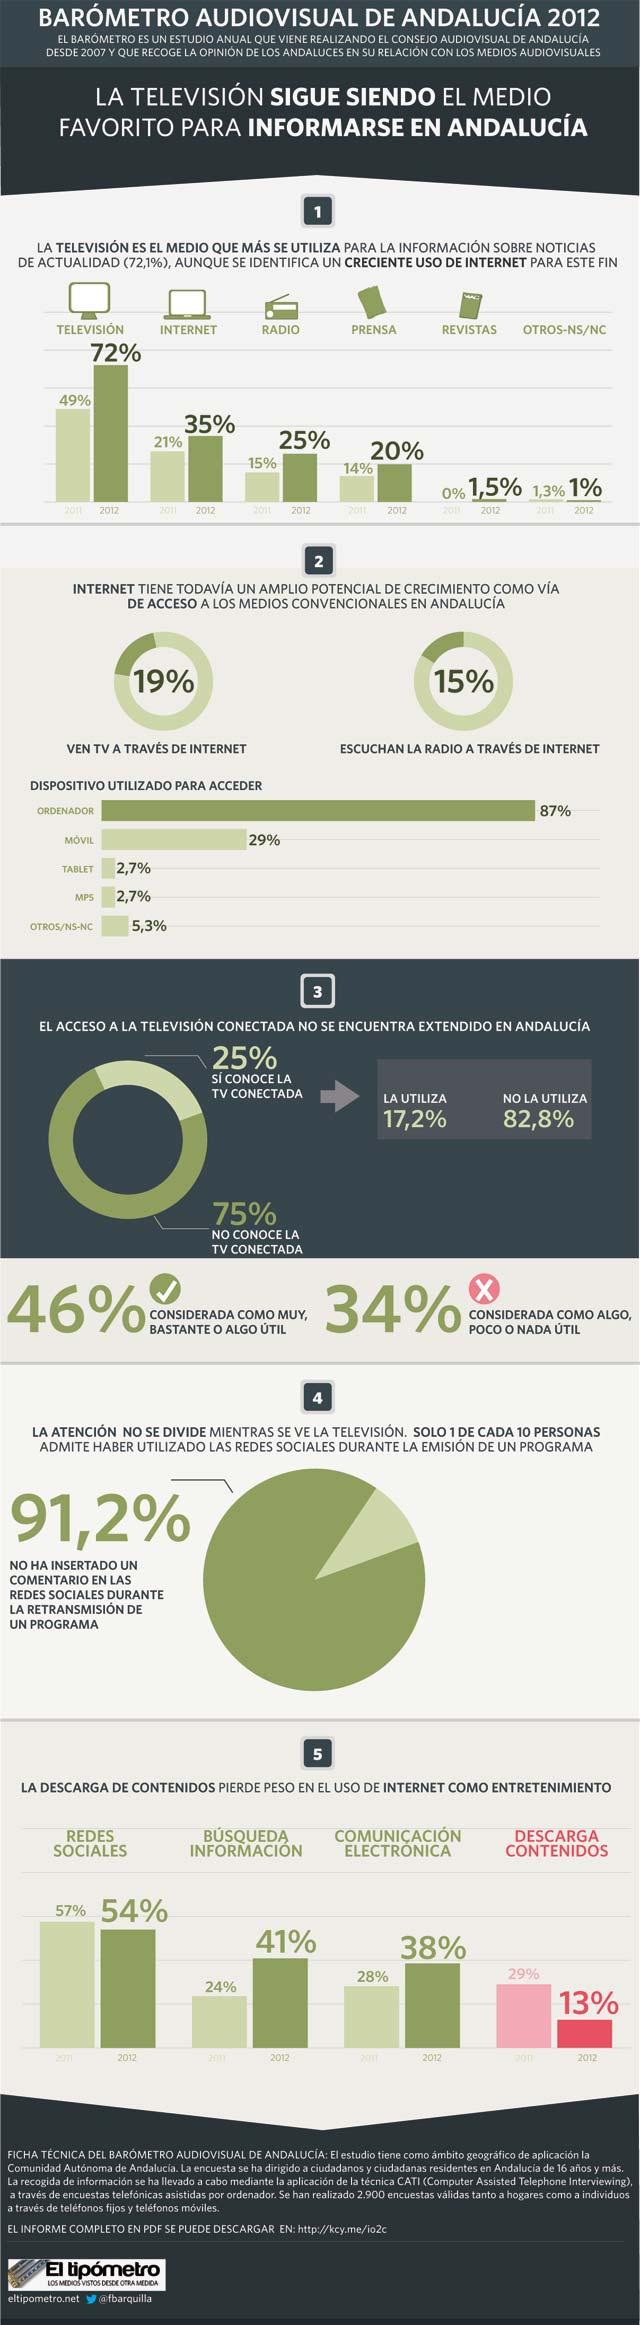 Infografía resumen Barómetro Audiovisual de Andalucía 2012